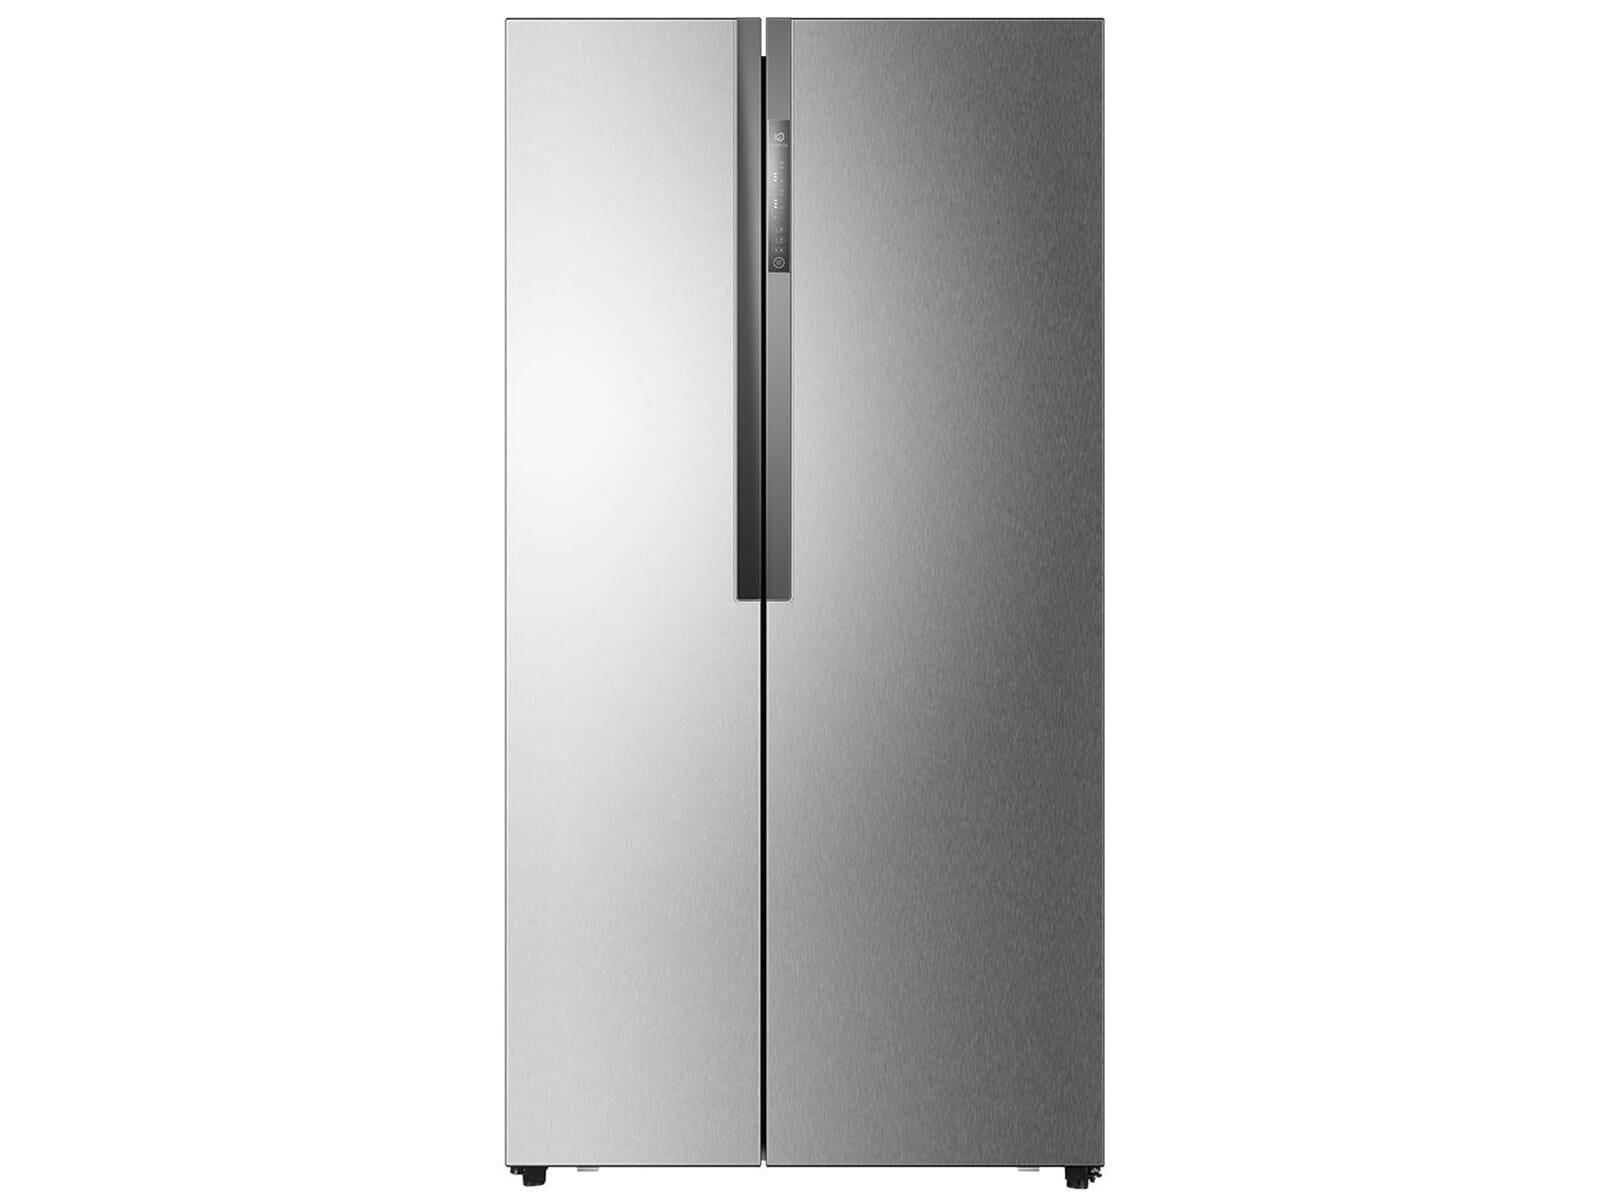 Mini Kühlschrank Lautlos Test : Side by side kühlschrank leise test kühlschrank test sieger der